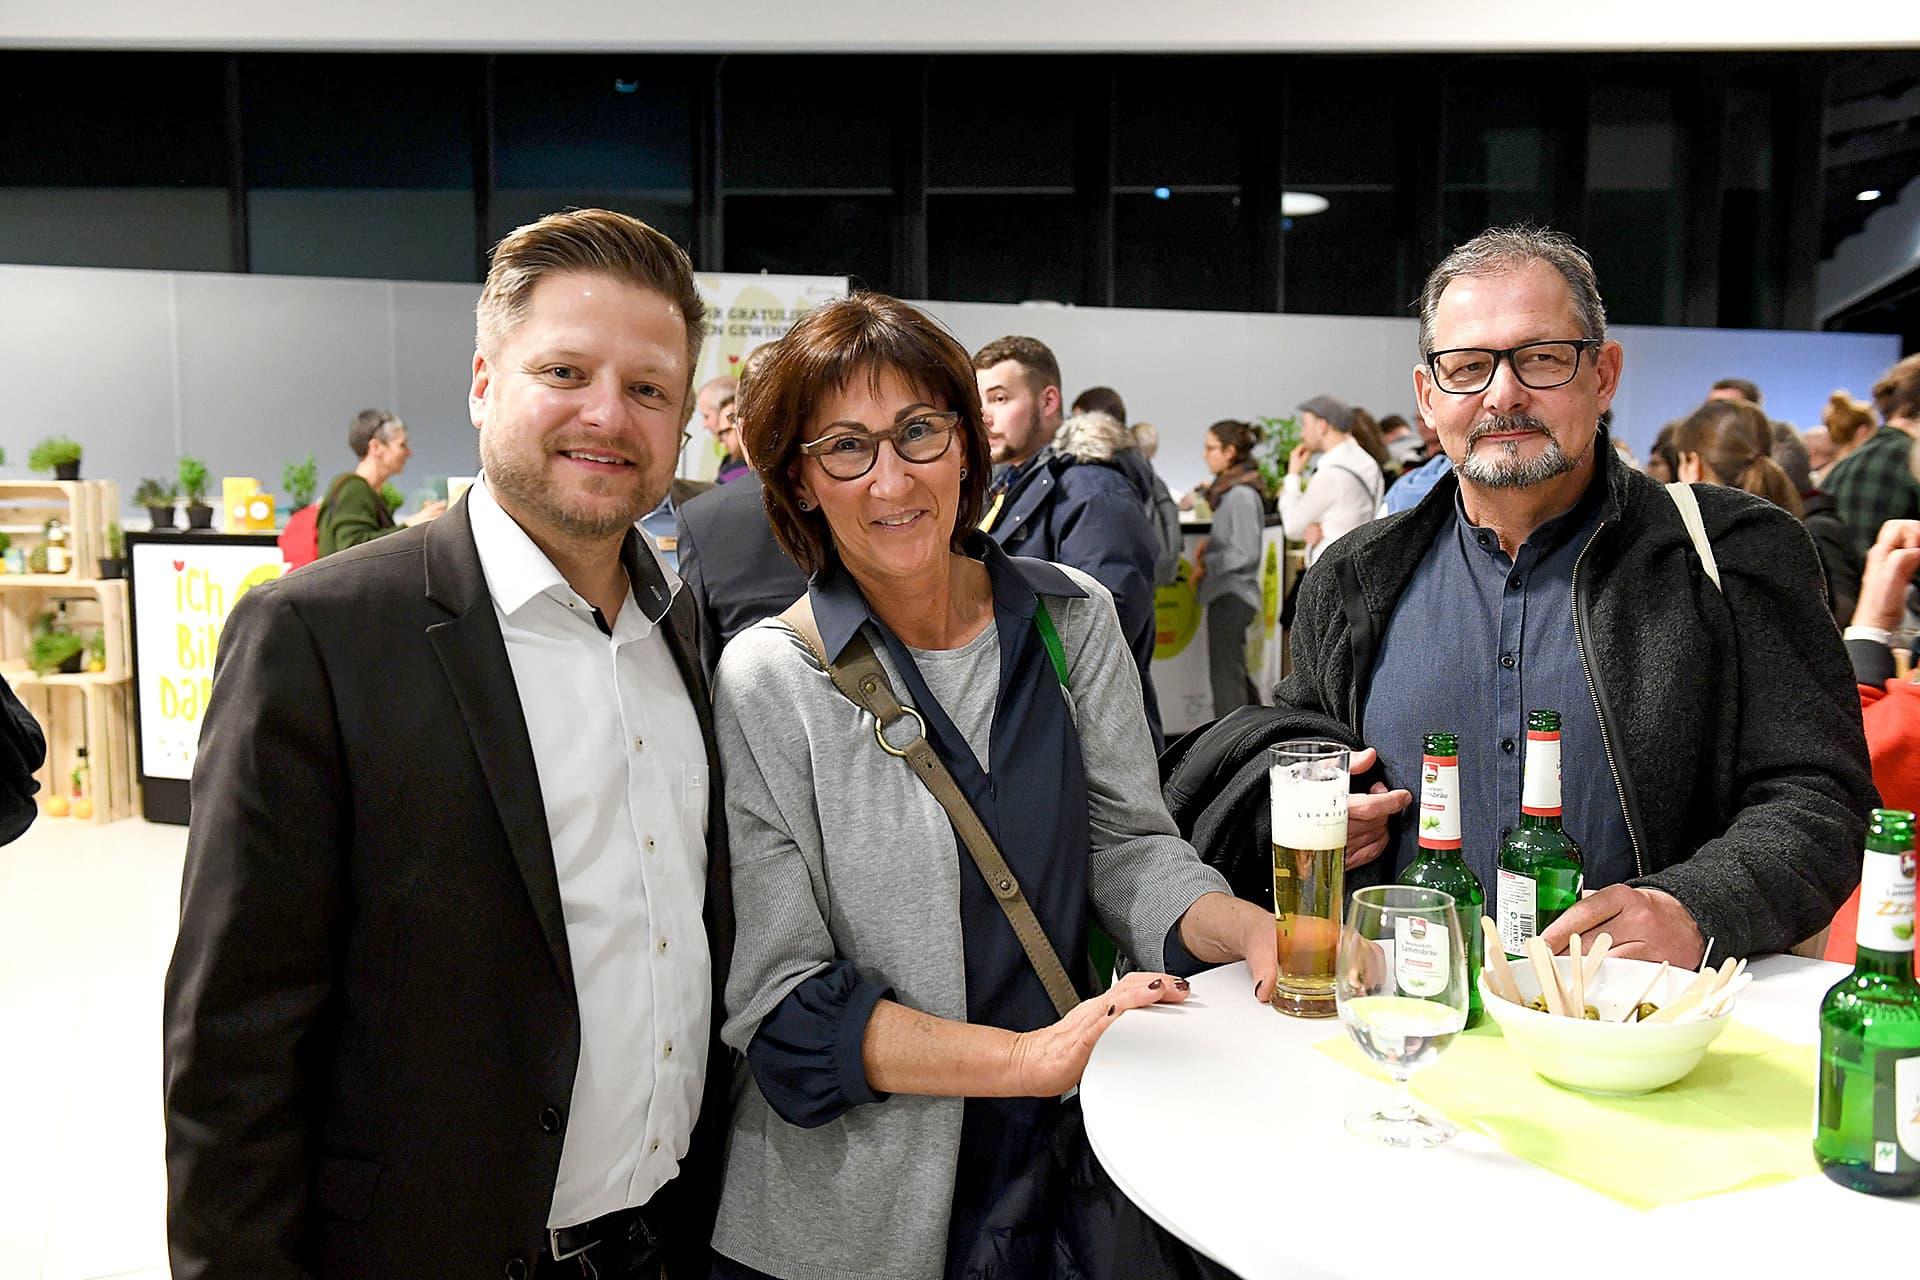 Drei Teilnehmer an der Gala posieren für ein Foto am Stehtisch.